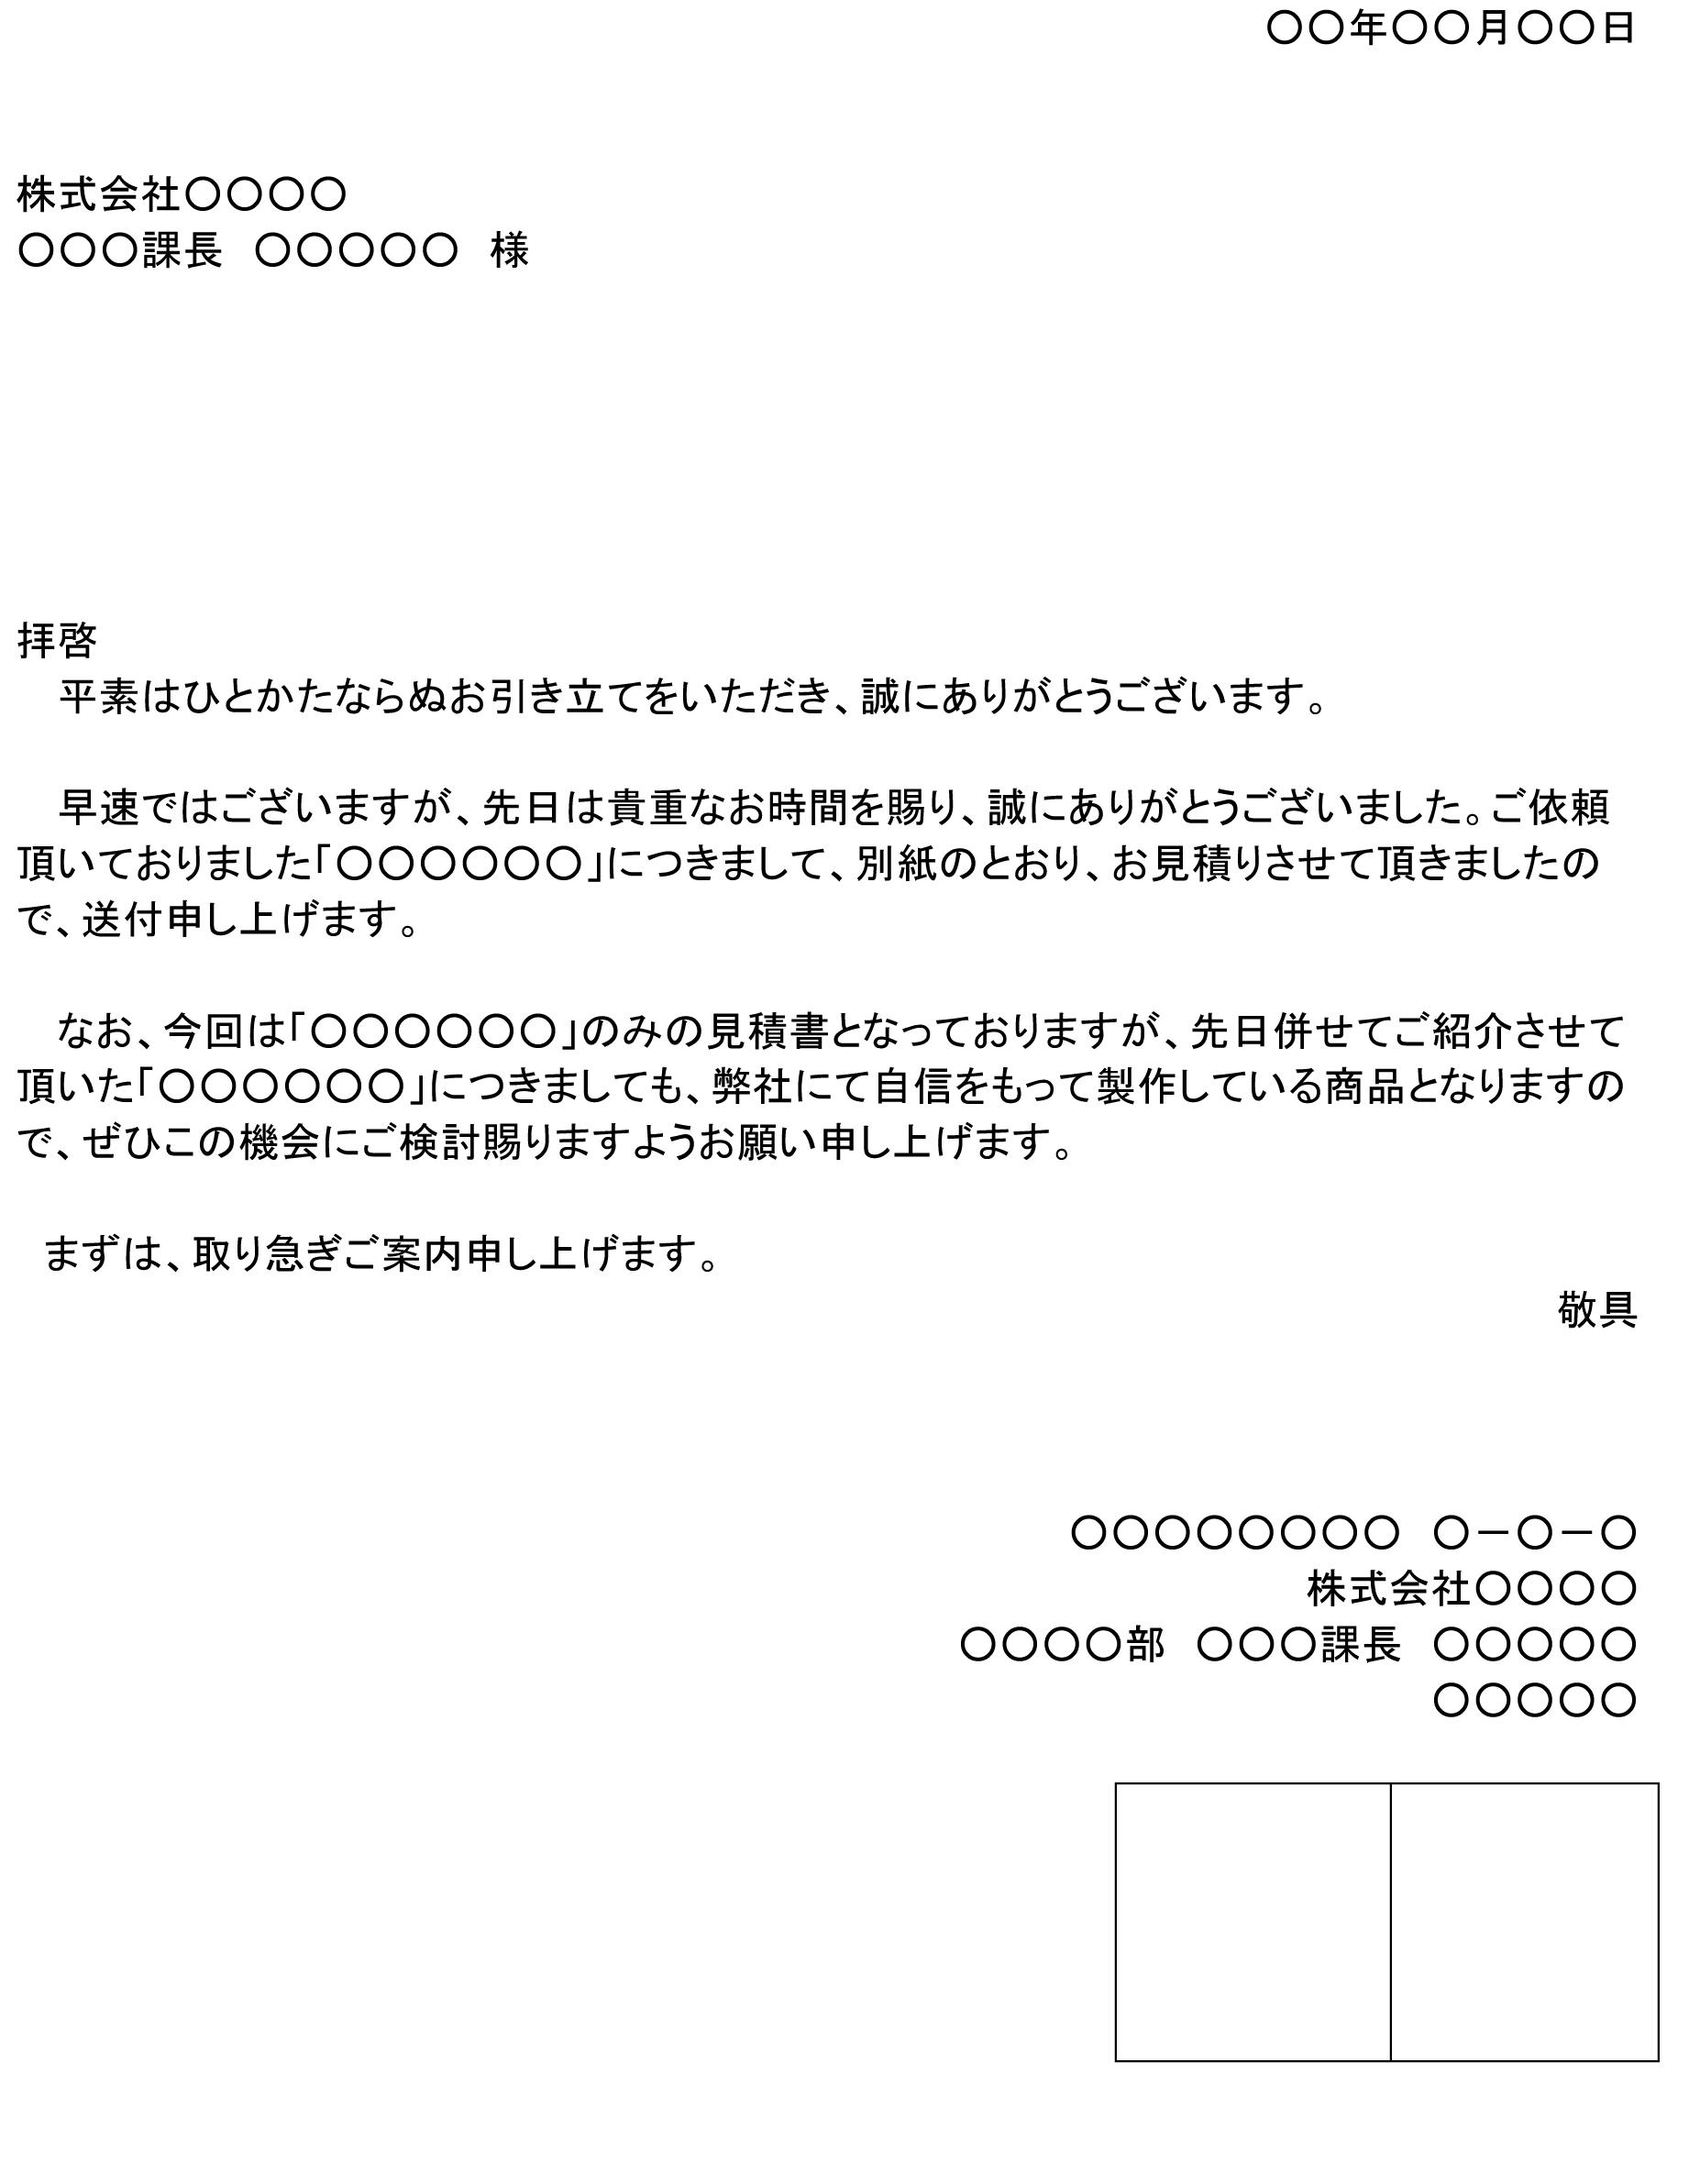 送付状(見積り・その他商品の提案)